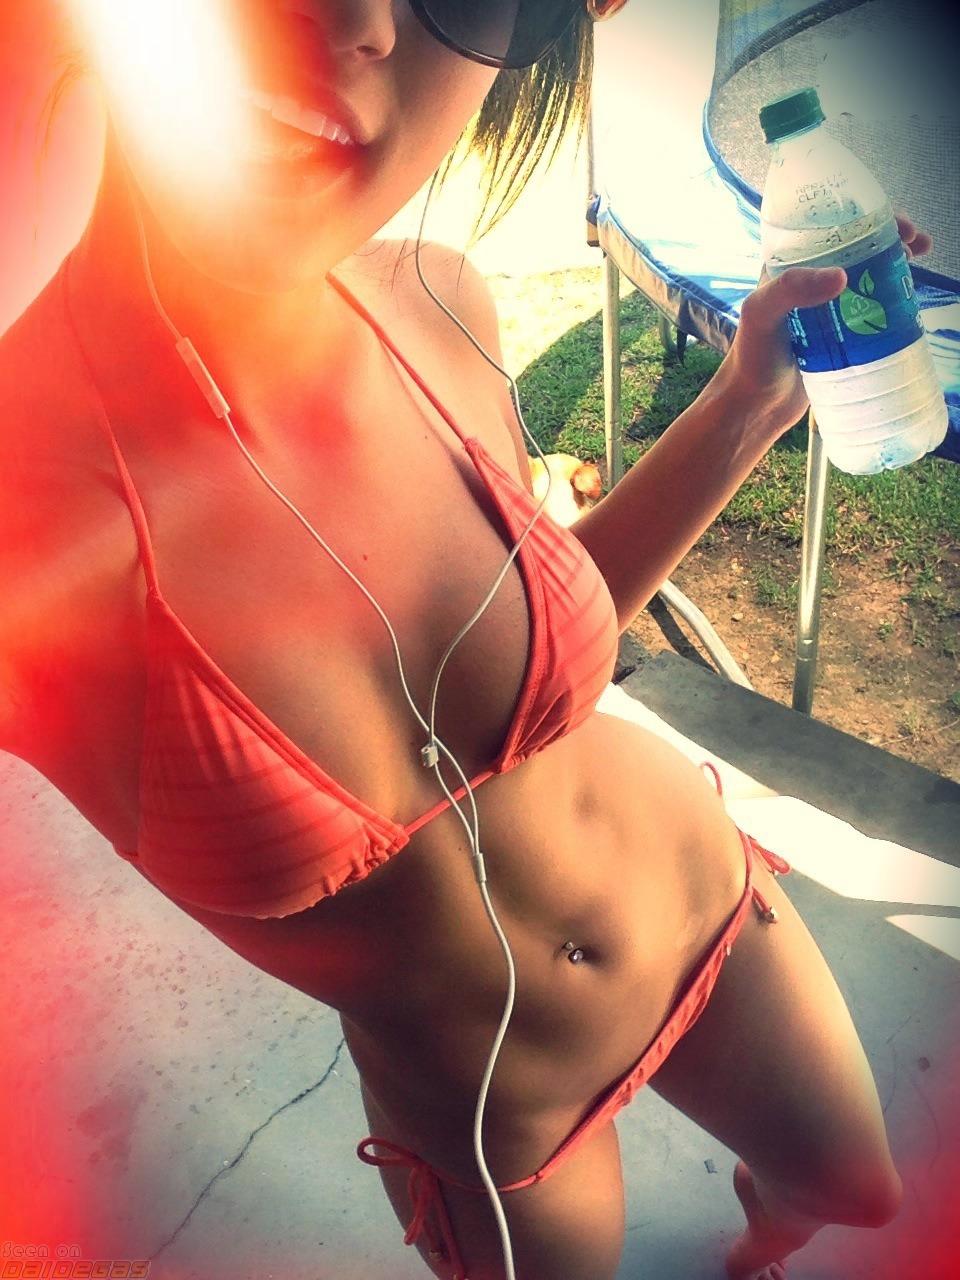 Bikini Babe Thread 46